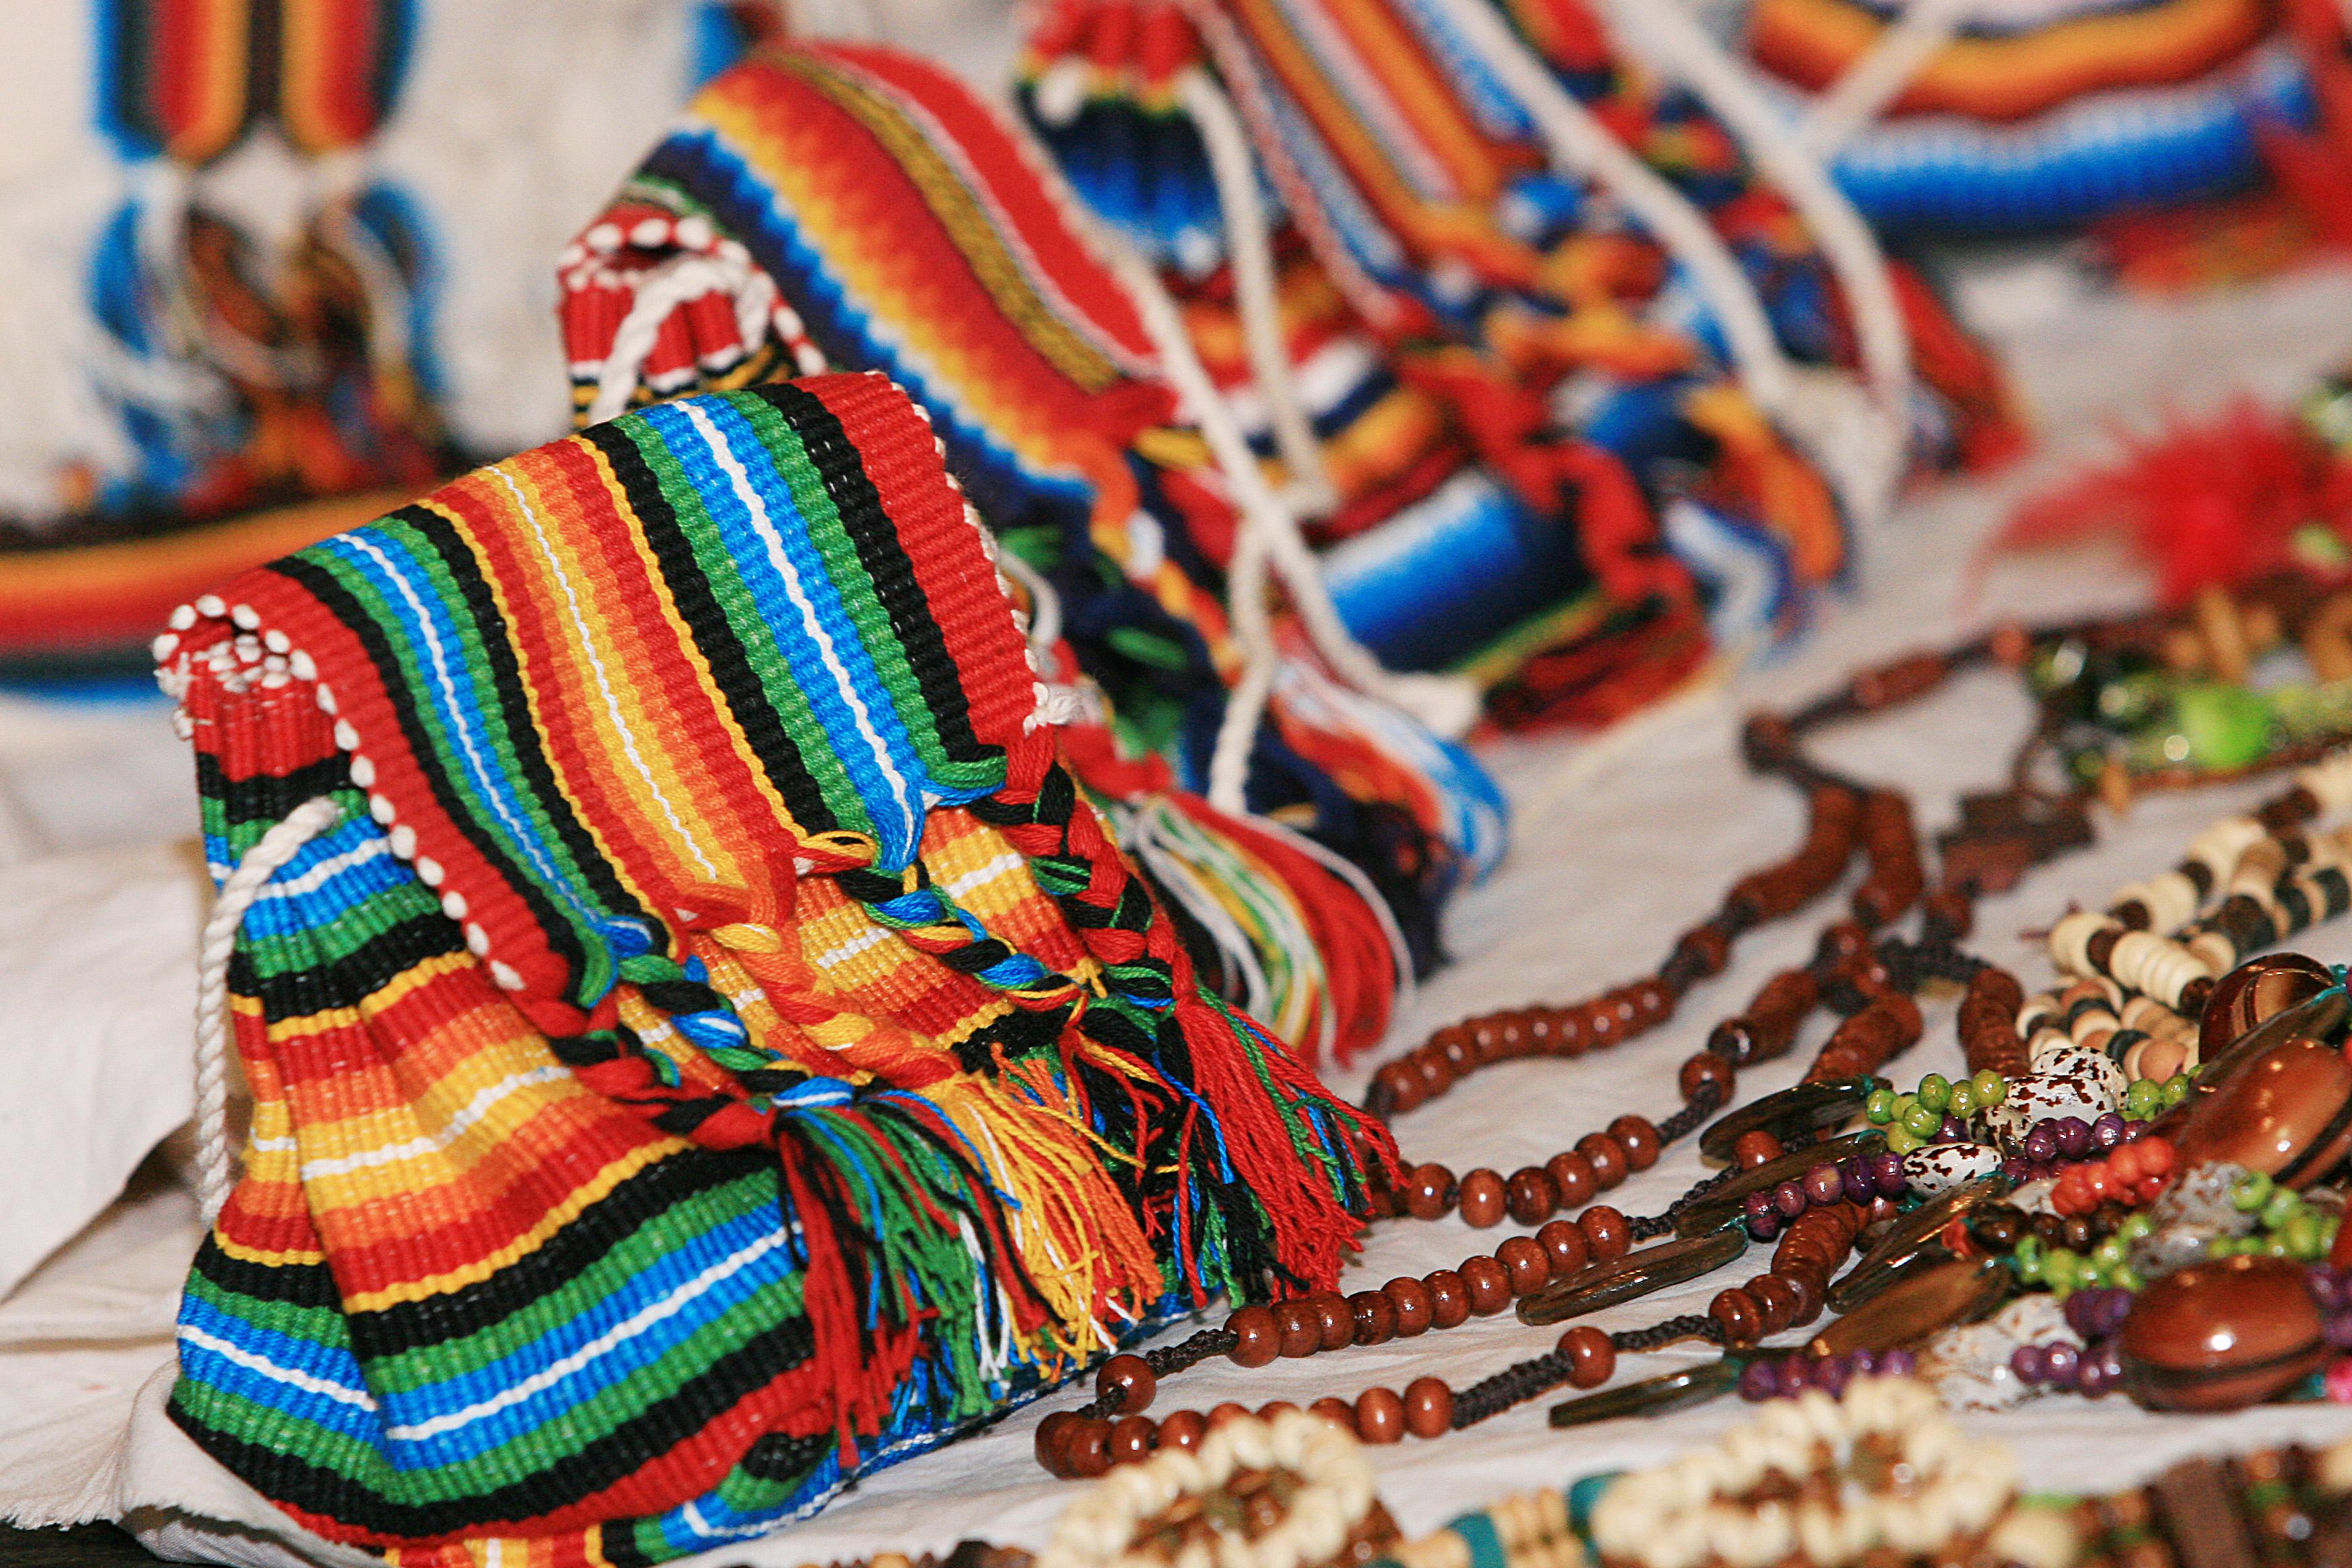 artesanato-07-42958-1.jpg